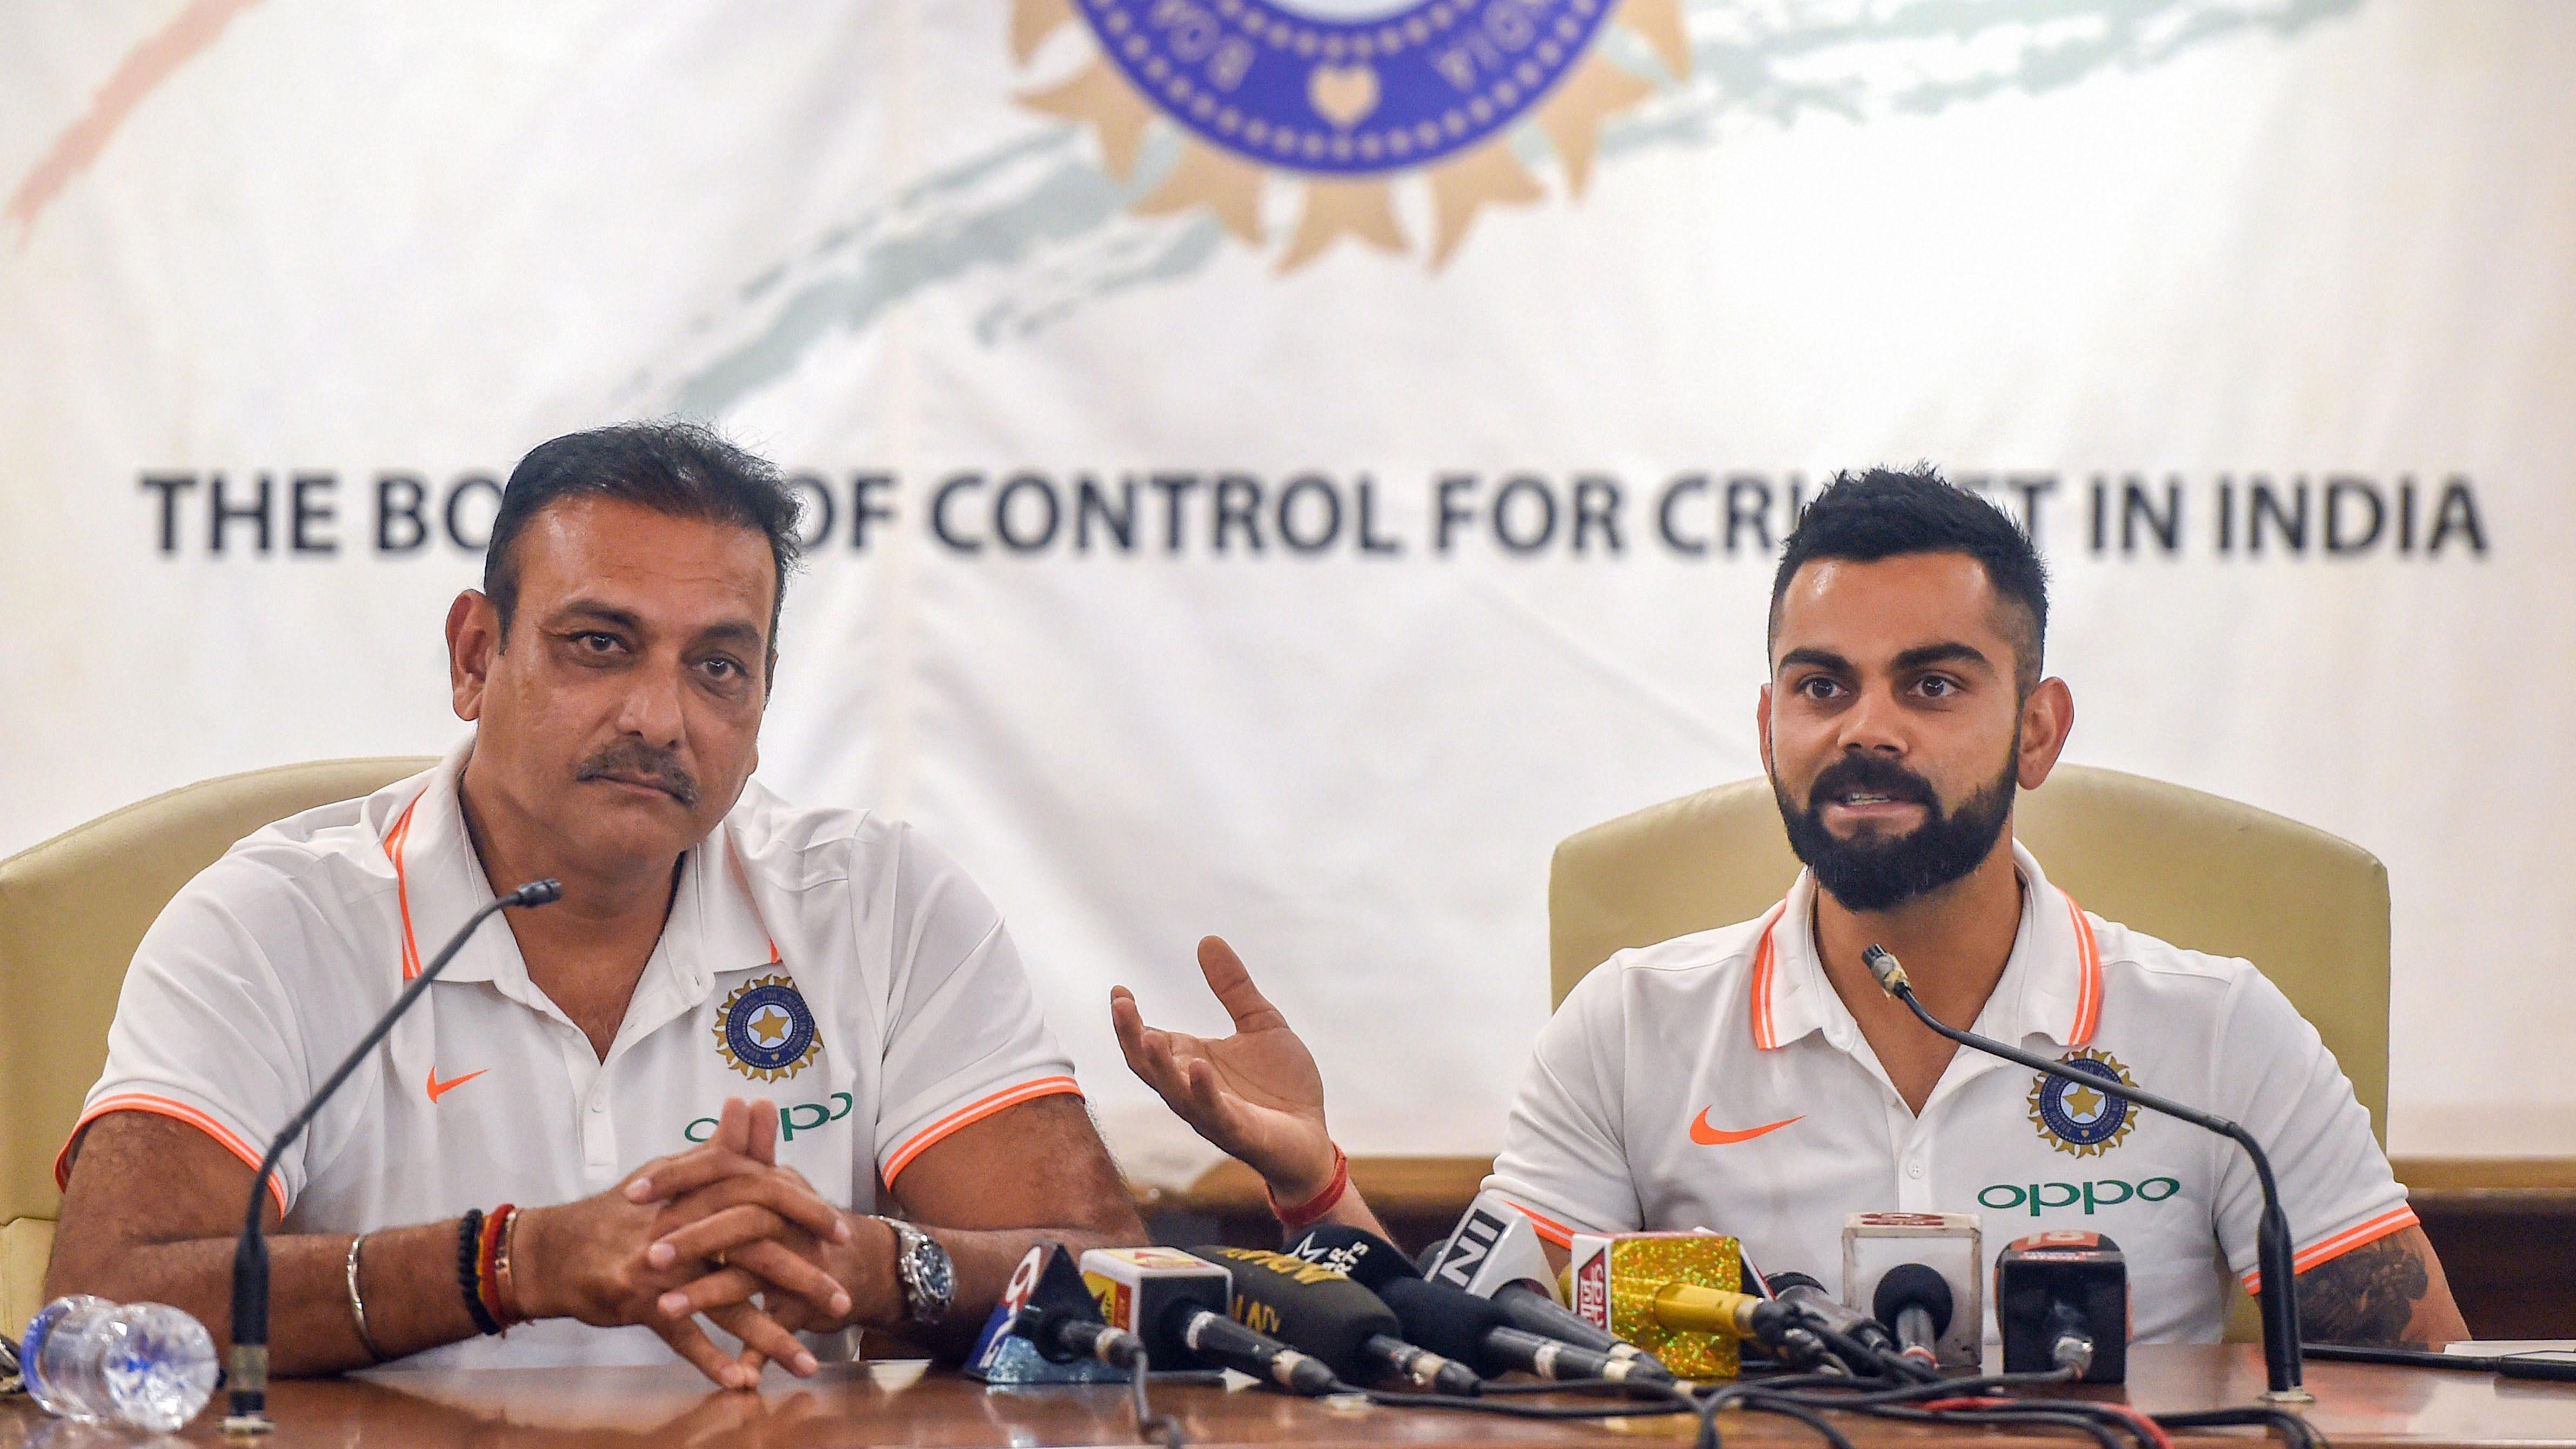 AUS v IND 2018-19: Virat Kohli defends Ravi Shastri, says he is not a 'Yes-Man'